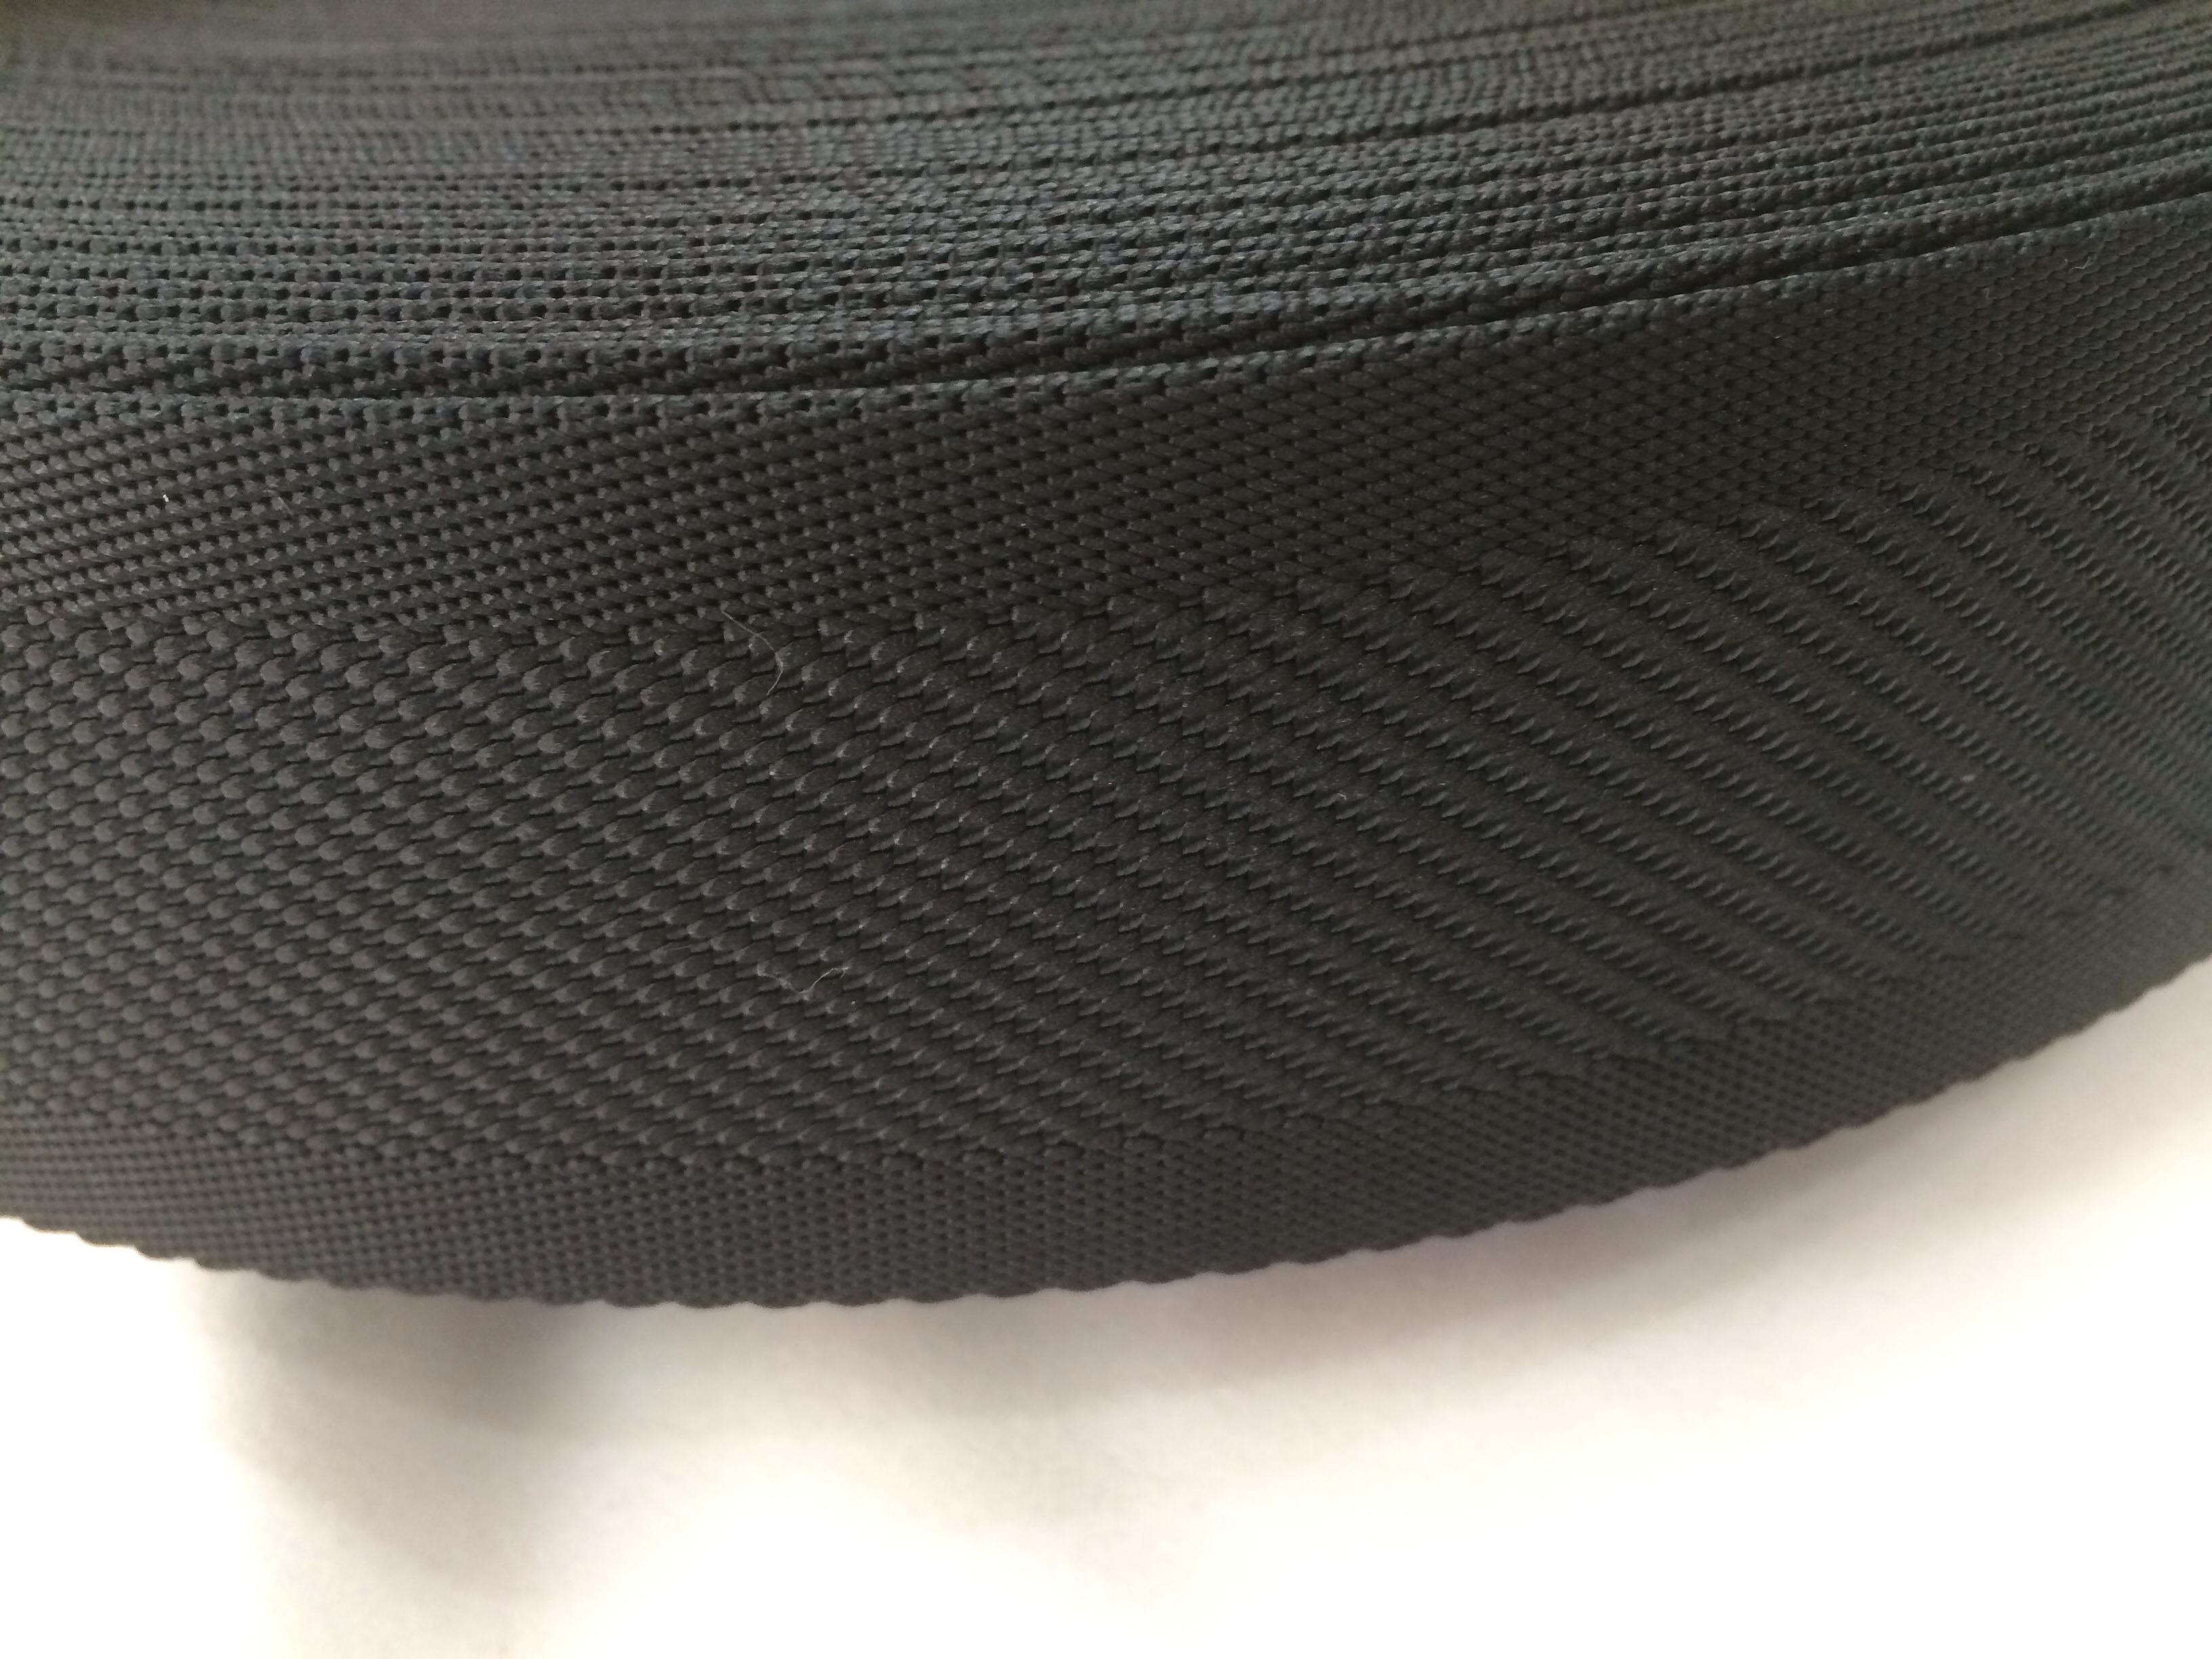 ナイロンテープ  中綾織  50mm幅  1.5mm厚  黒  5m